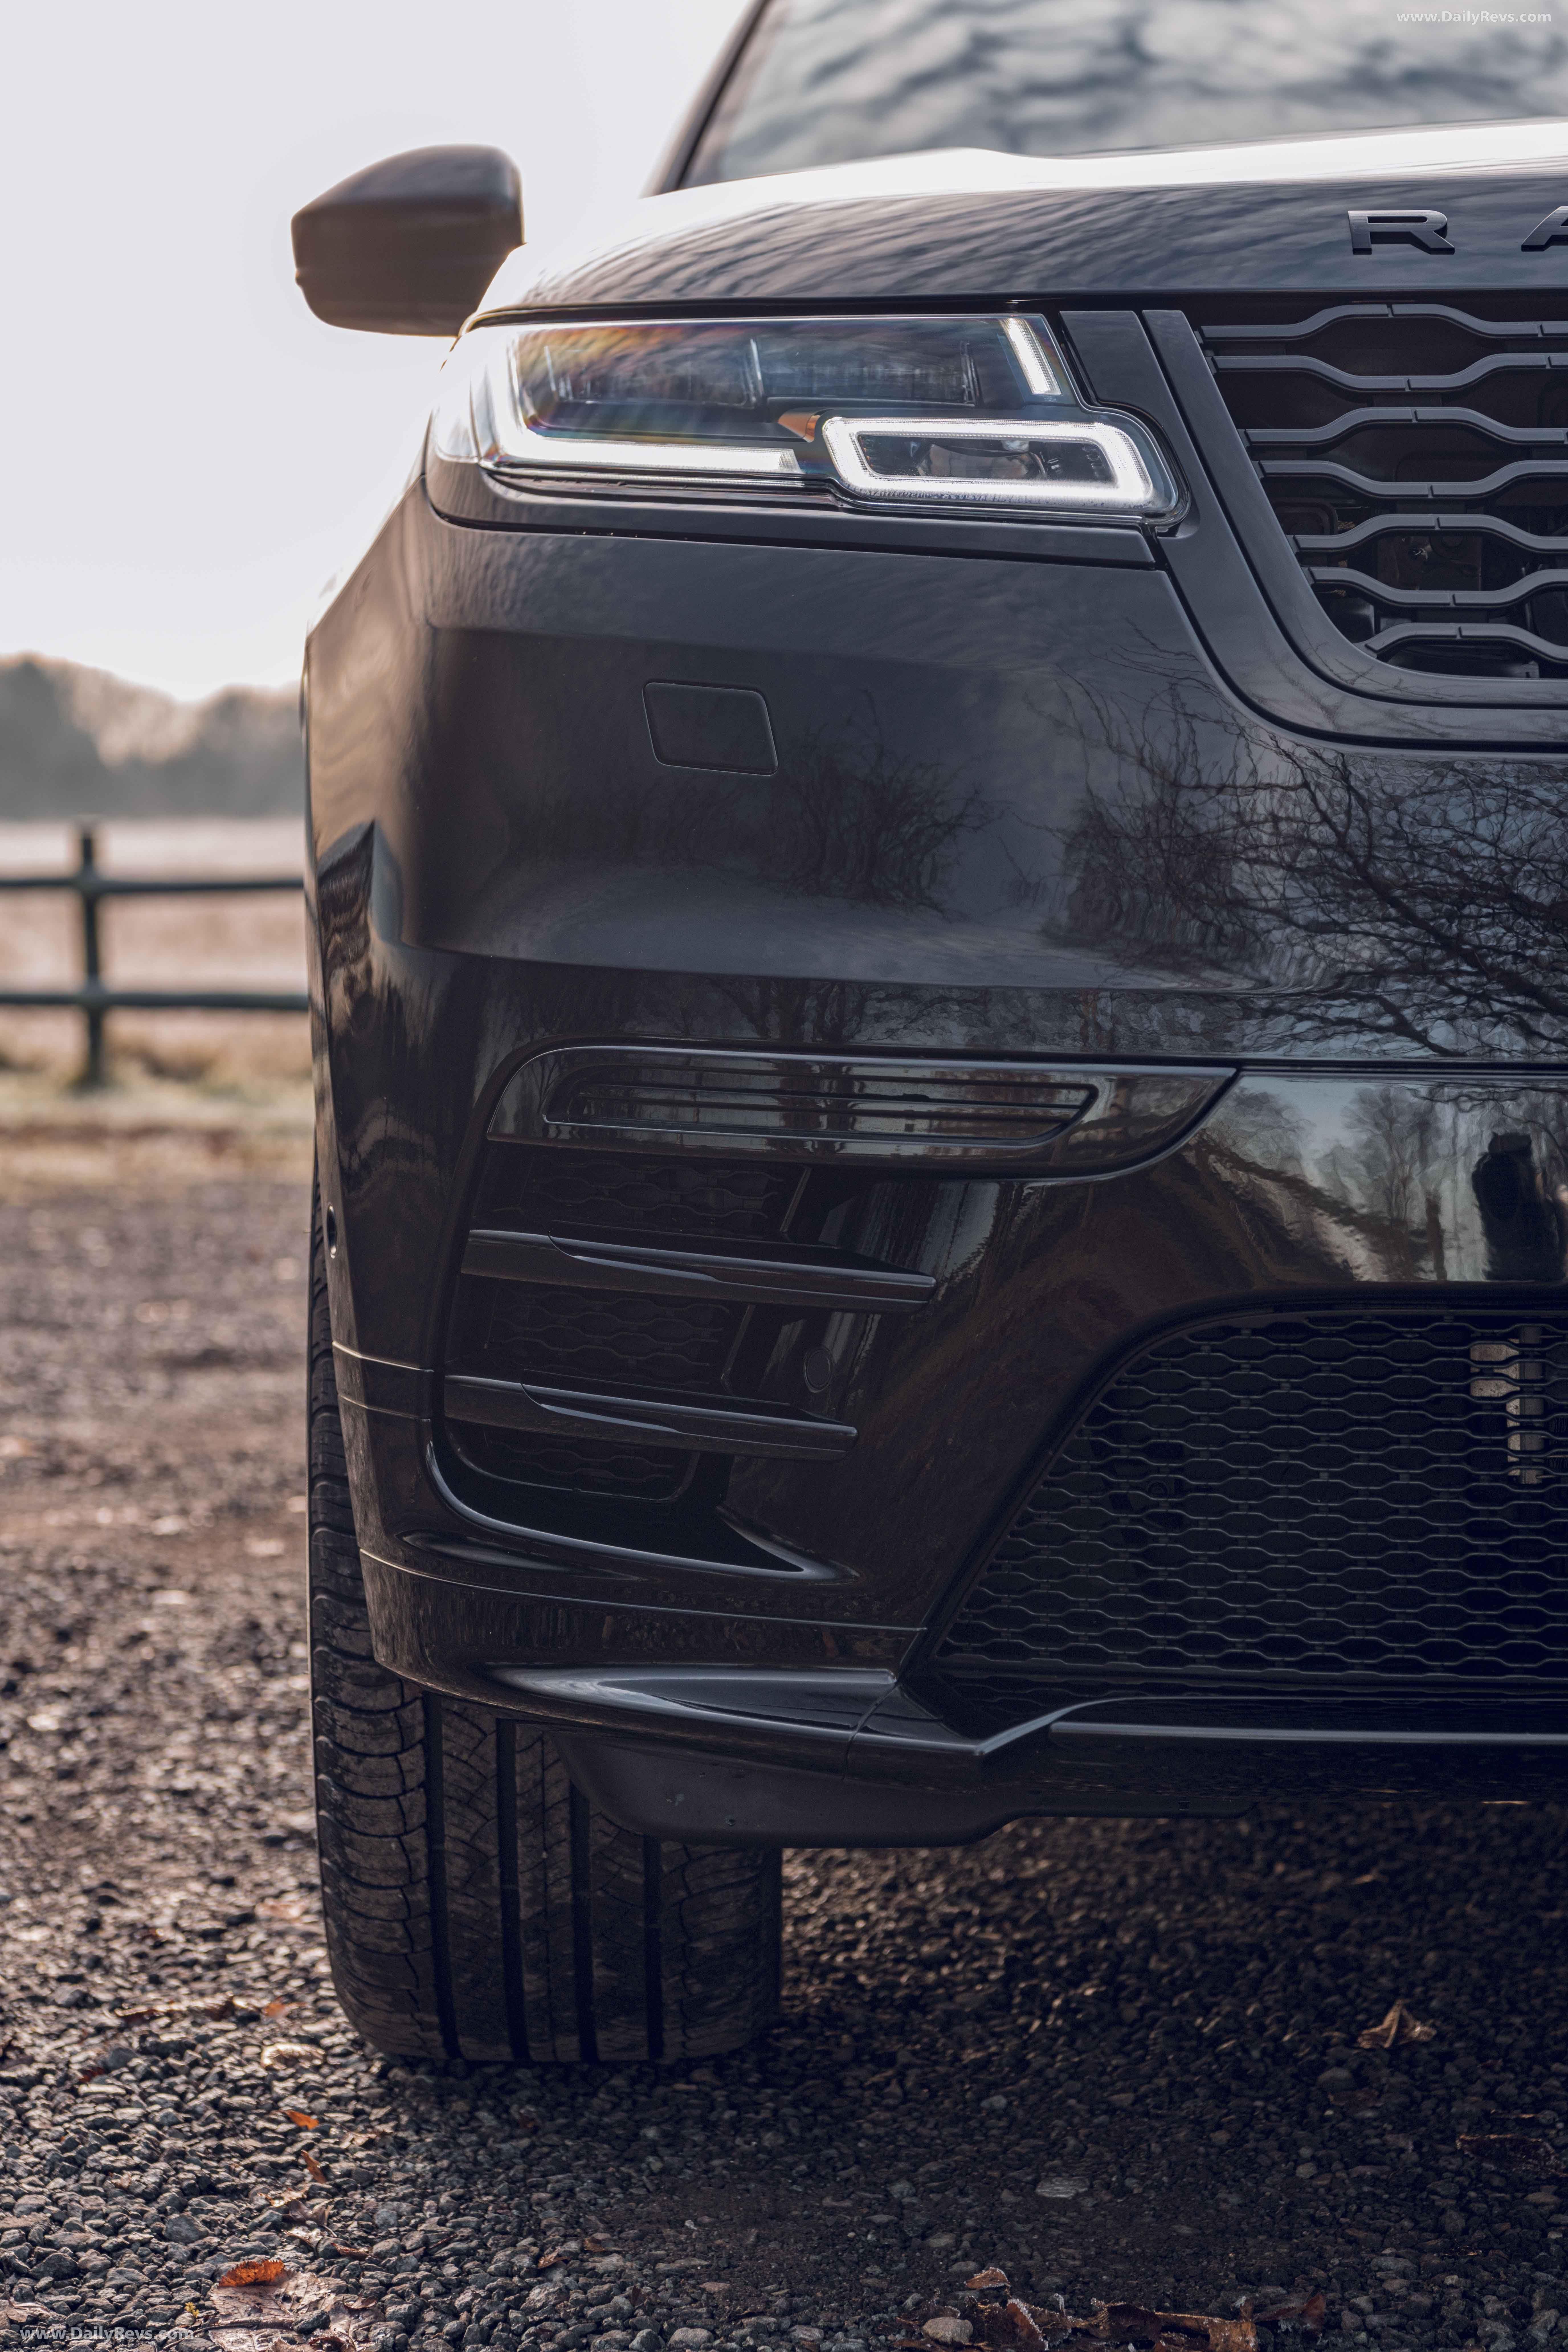 2020 Land Rover Range Rover Velar R Dynamic Black Dailyrevs Com Range Rover Black Range Rover Velar Luxury Cars Range Rover